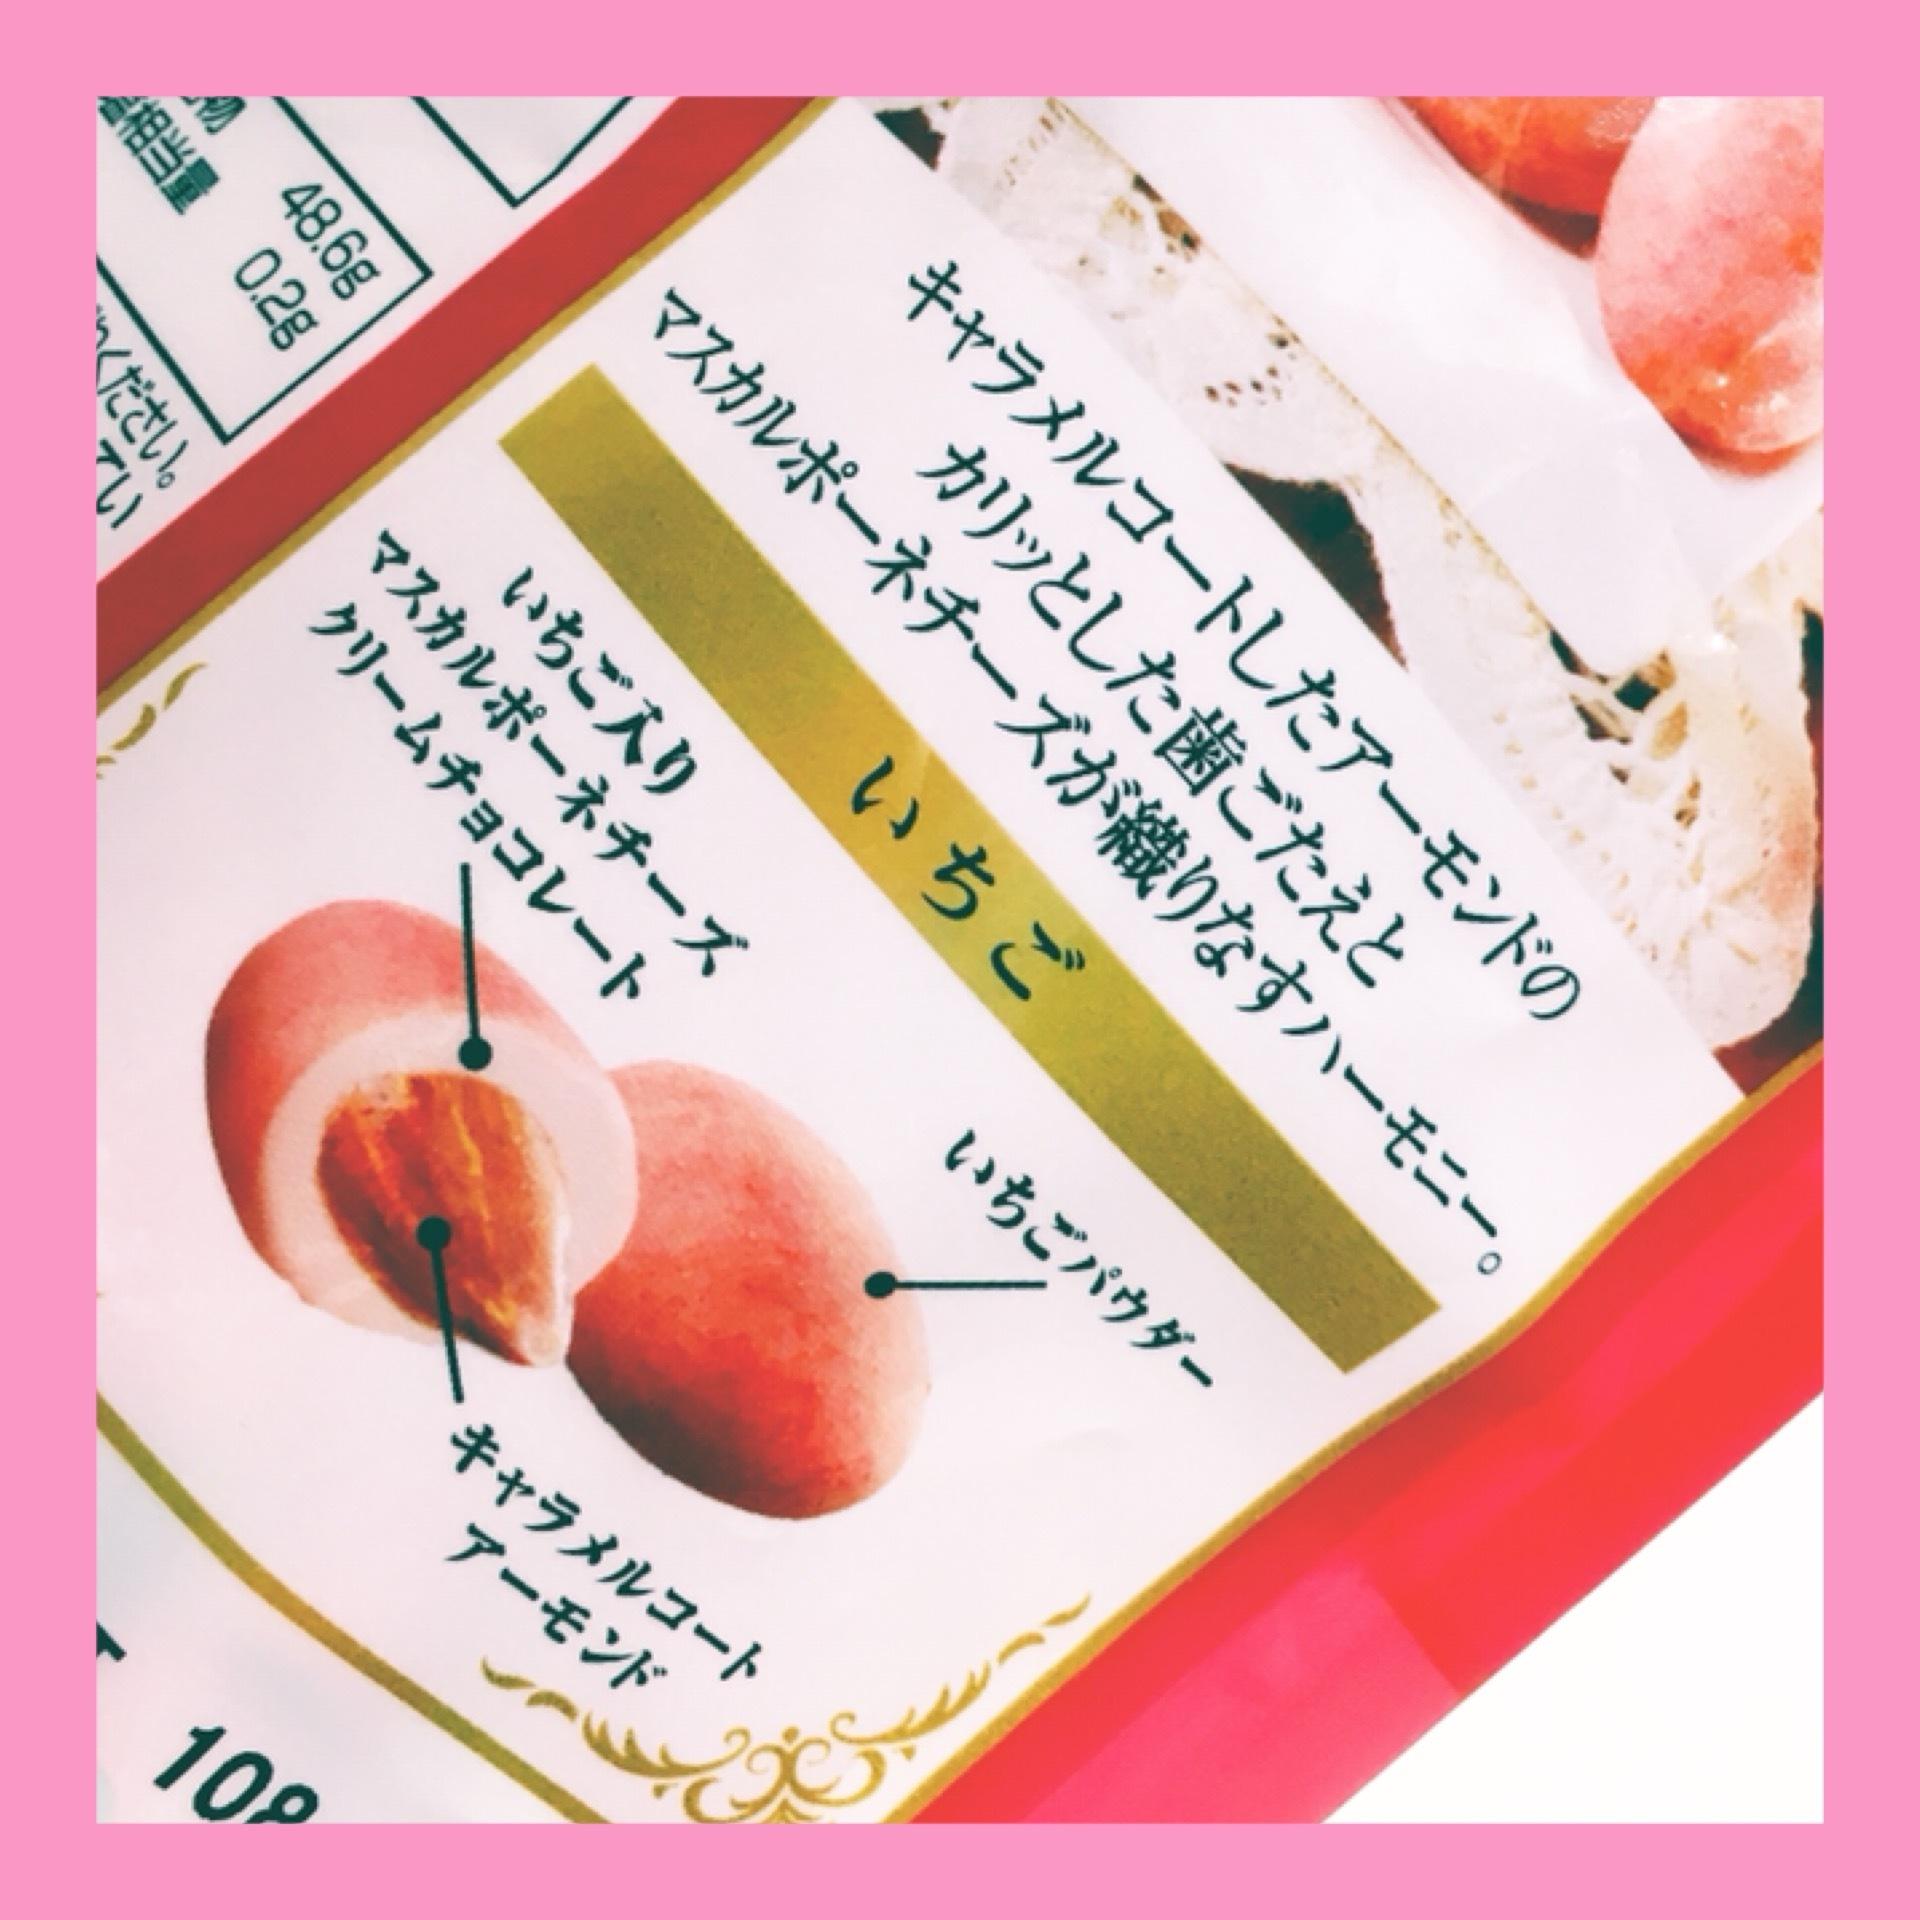 大阪名物!お取り寄せ必須?!『呼吸チョコ』期間限定いちご味*॰¨̮_1_2-2